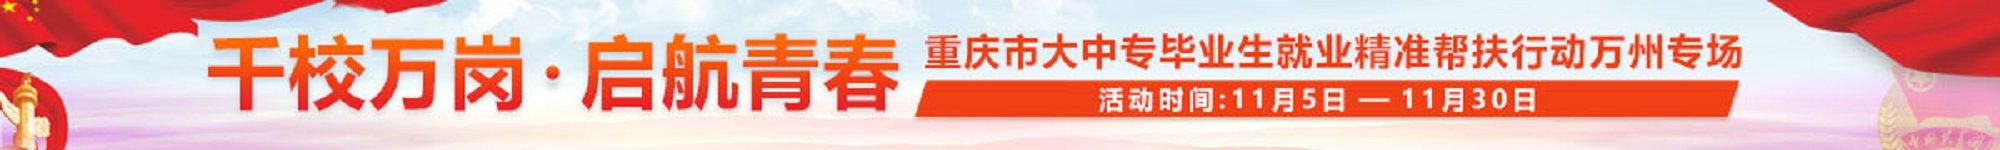 千校萬崗,啟航青春 ——重慶市大中專畢業生就業精準幫扶行動萬州區專場